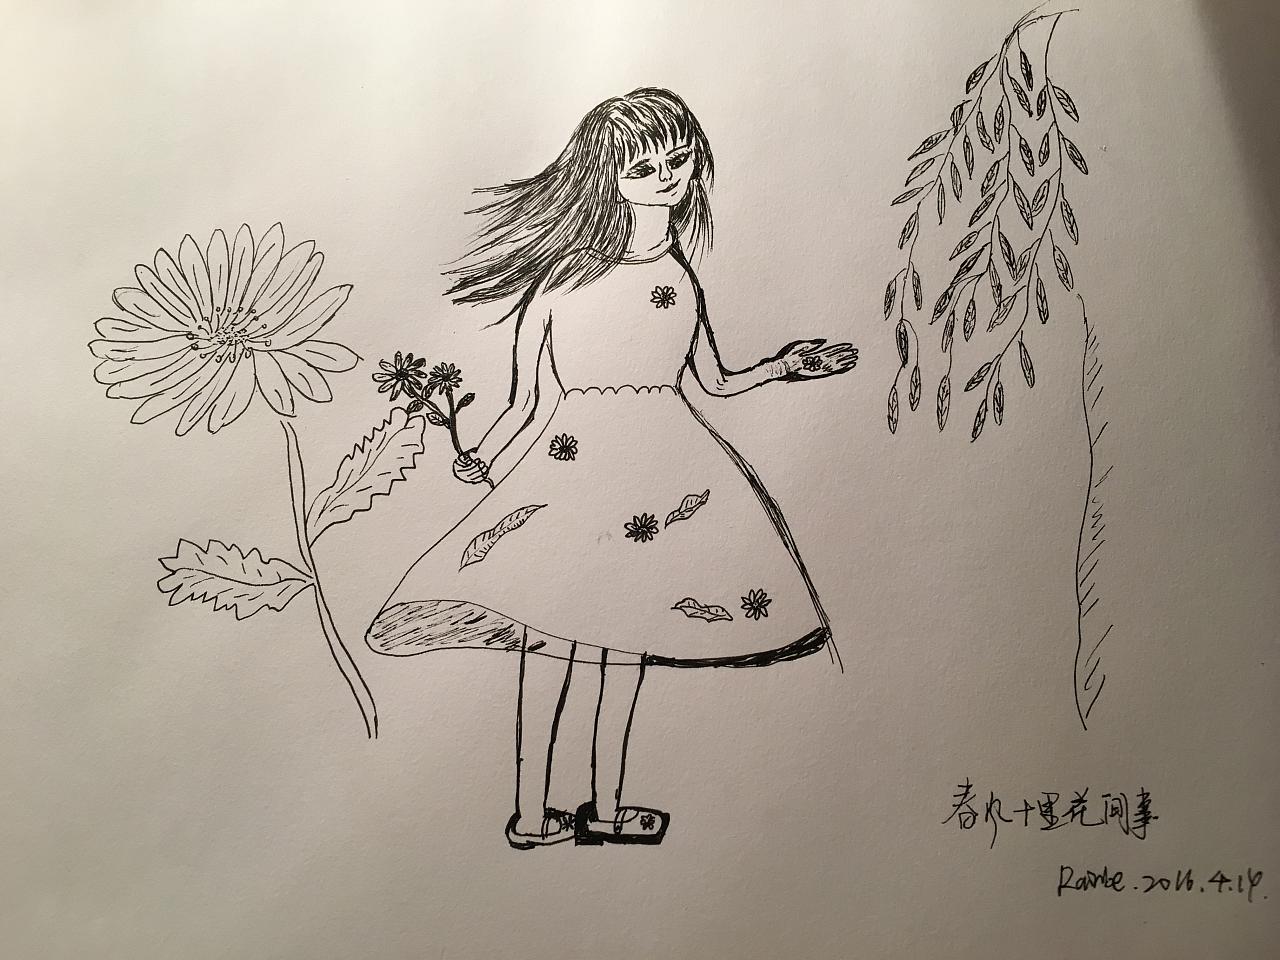 春风来了 在花间诉说衷肠 穿着纱裙曼妙的姑娘